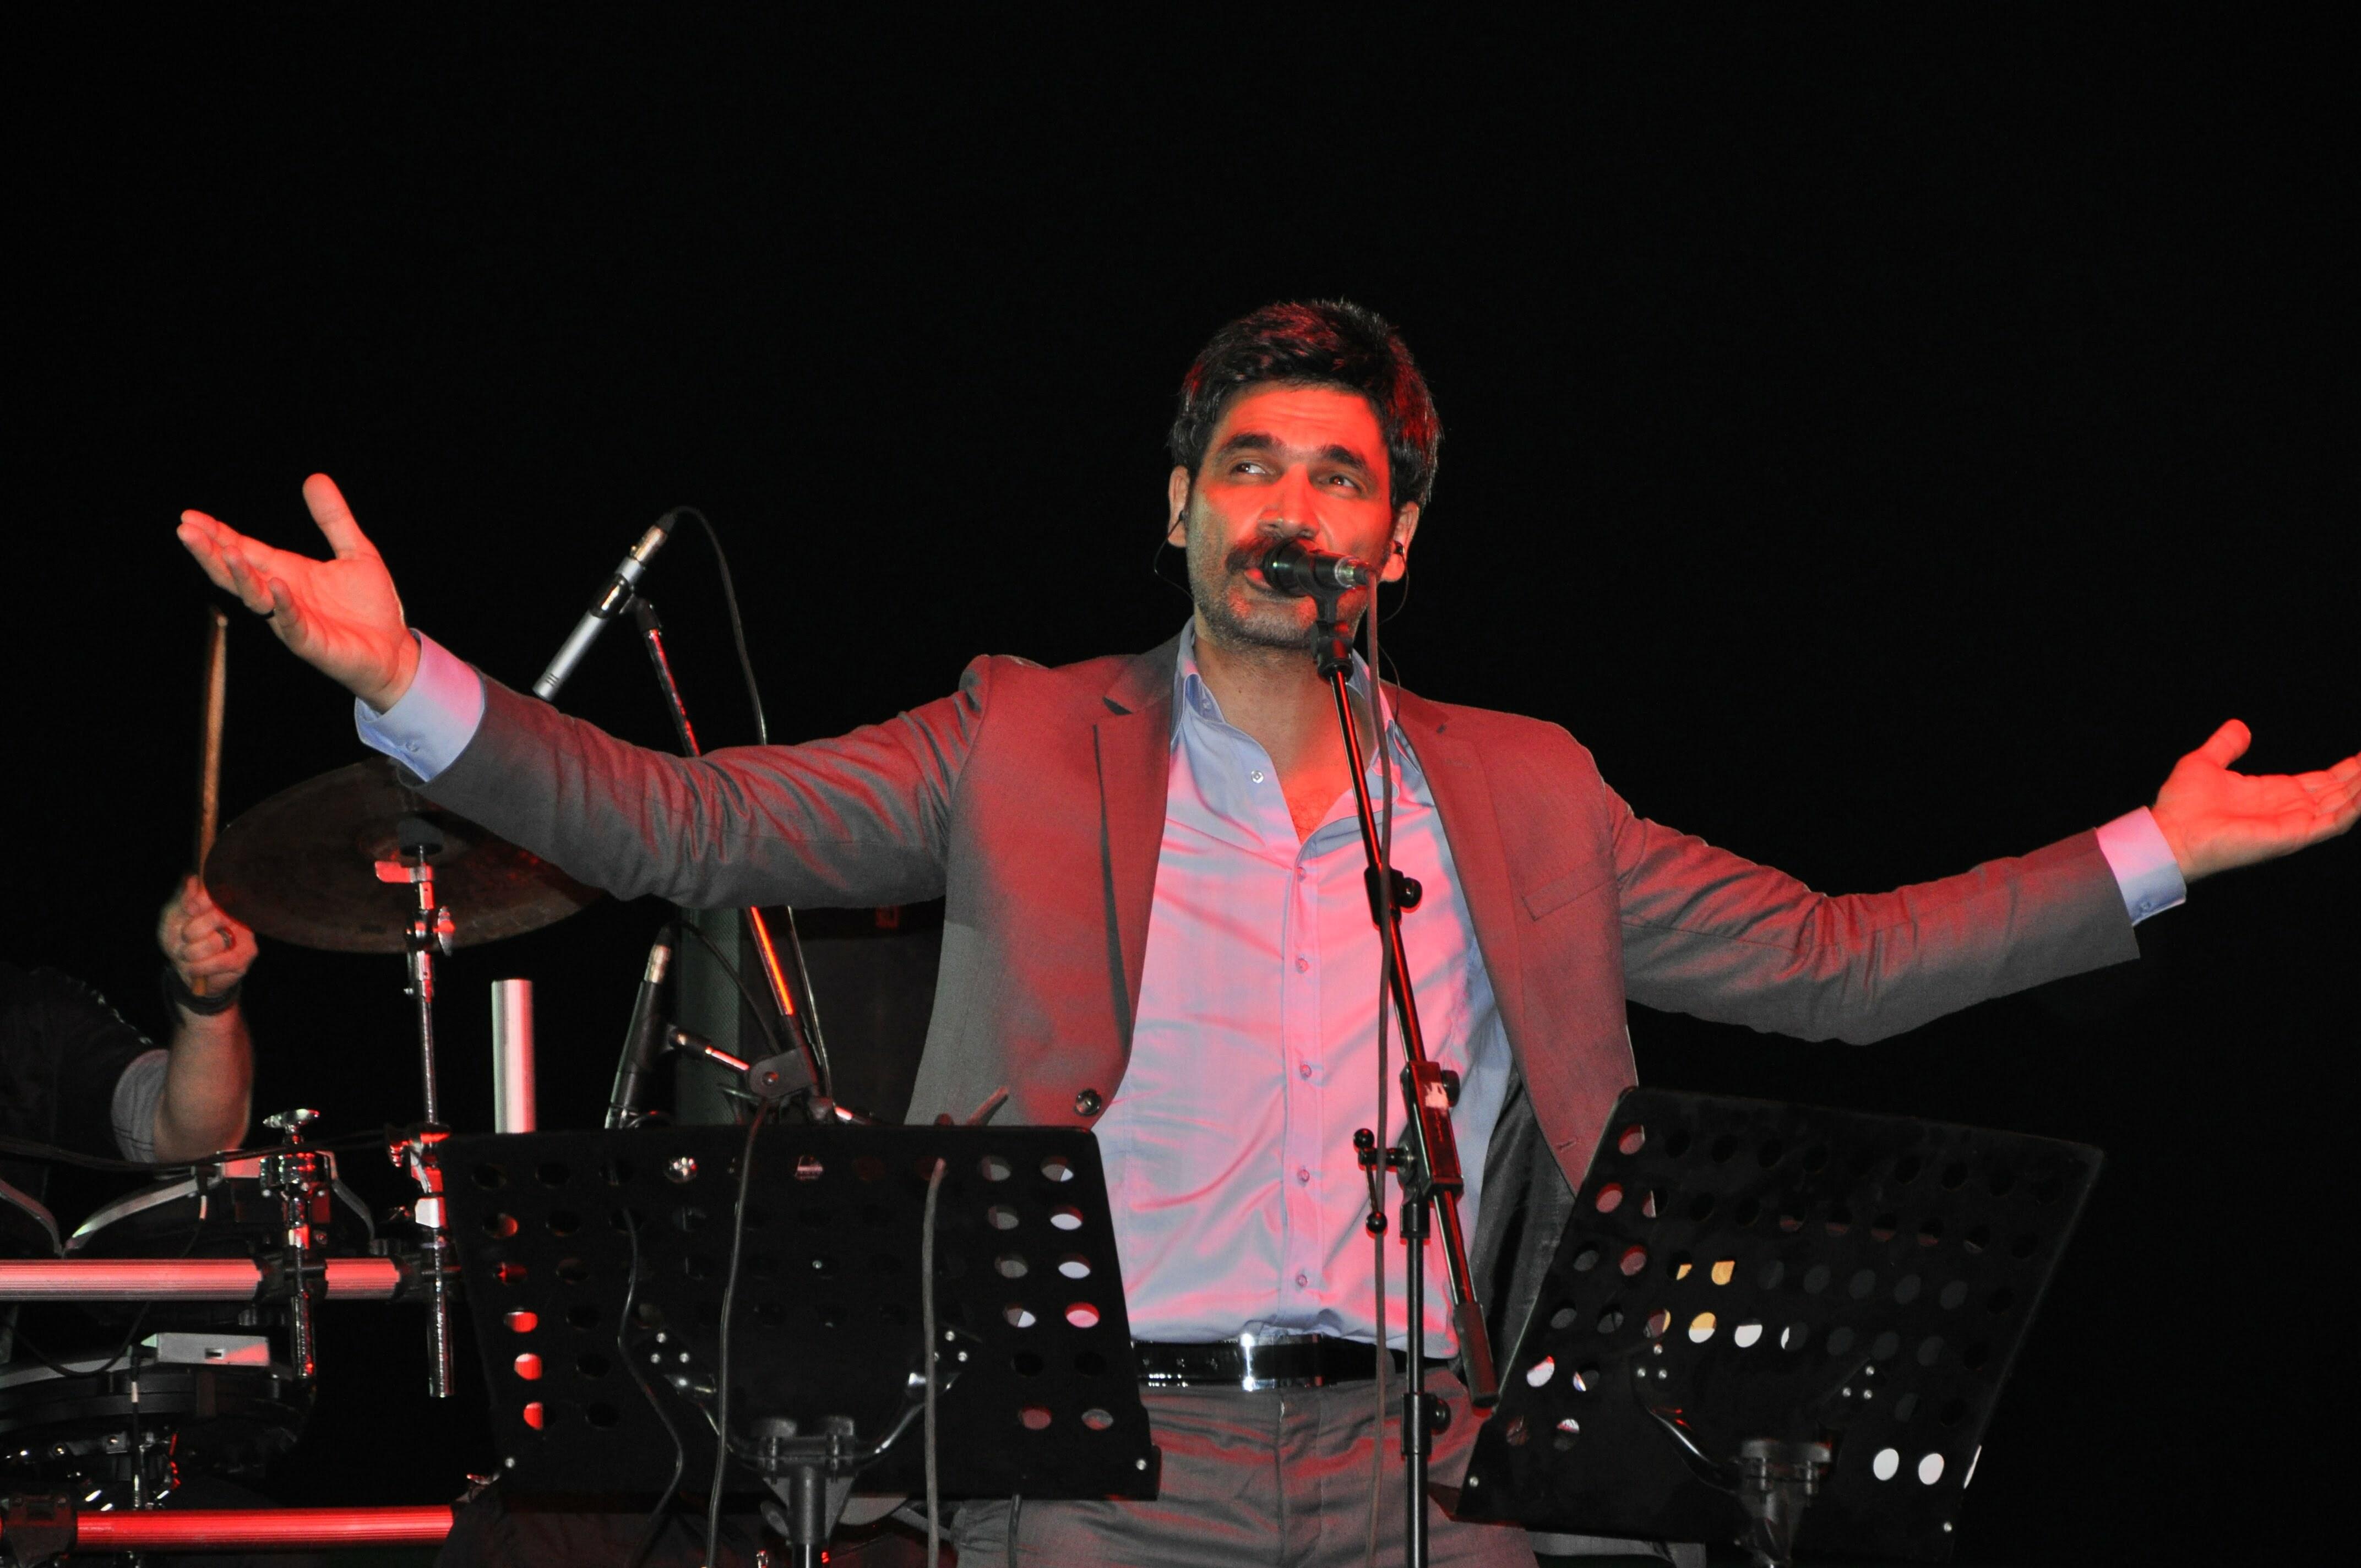 Reyhanlı'da Uğur Işılak Konseri. Işılak, 'Hiç kimse Türkiye'ye insan haklarından bahsetmeye kalkmasın'